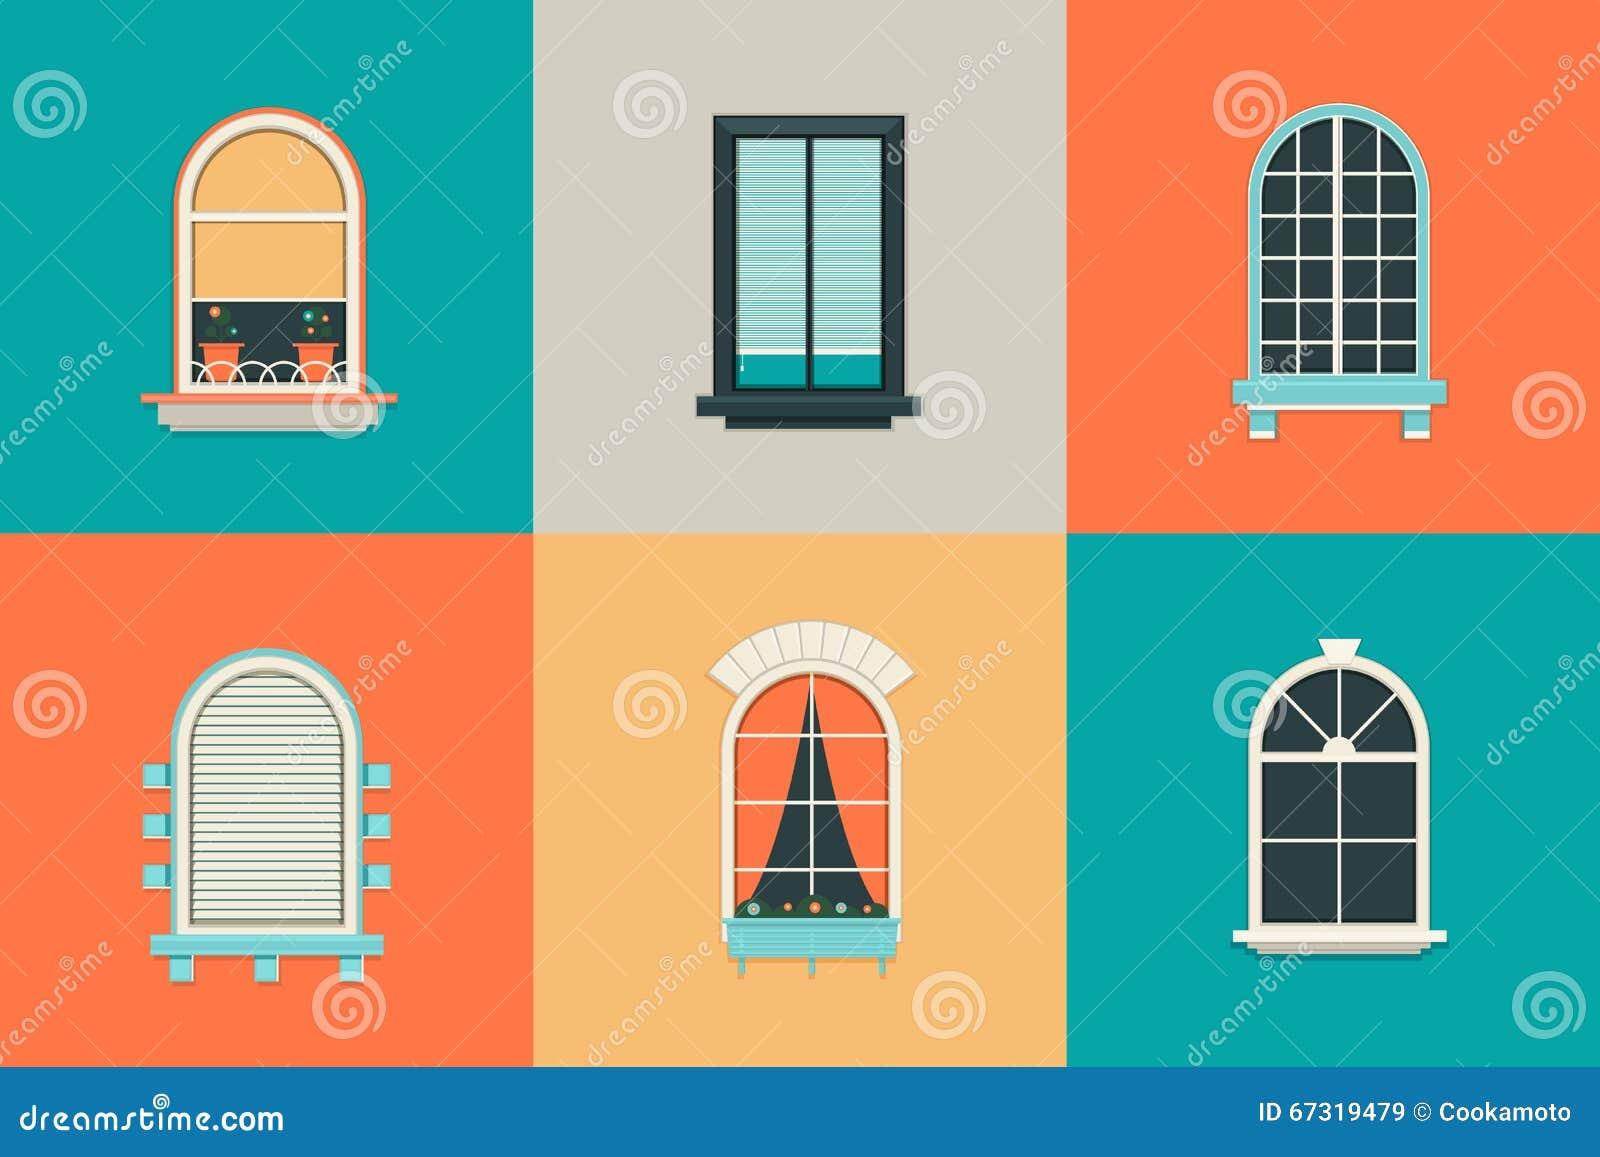 vector vlakke reeks pictogrammen voor vensters met ruit rechthoek en ovaal vormglas balkon met gordijnen